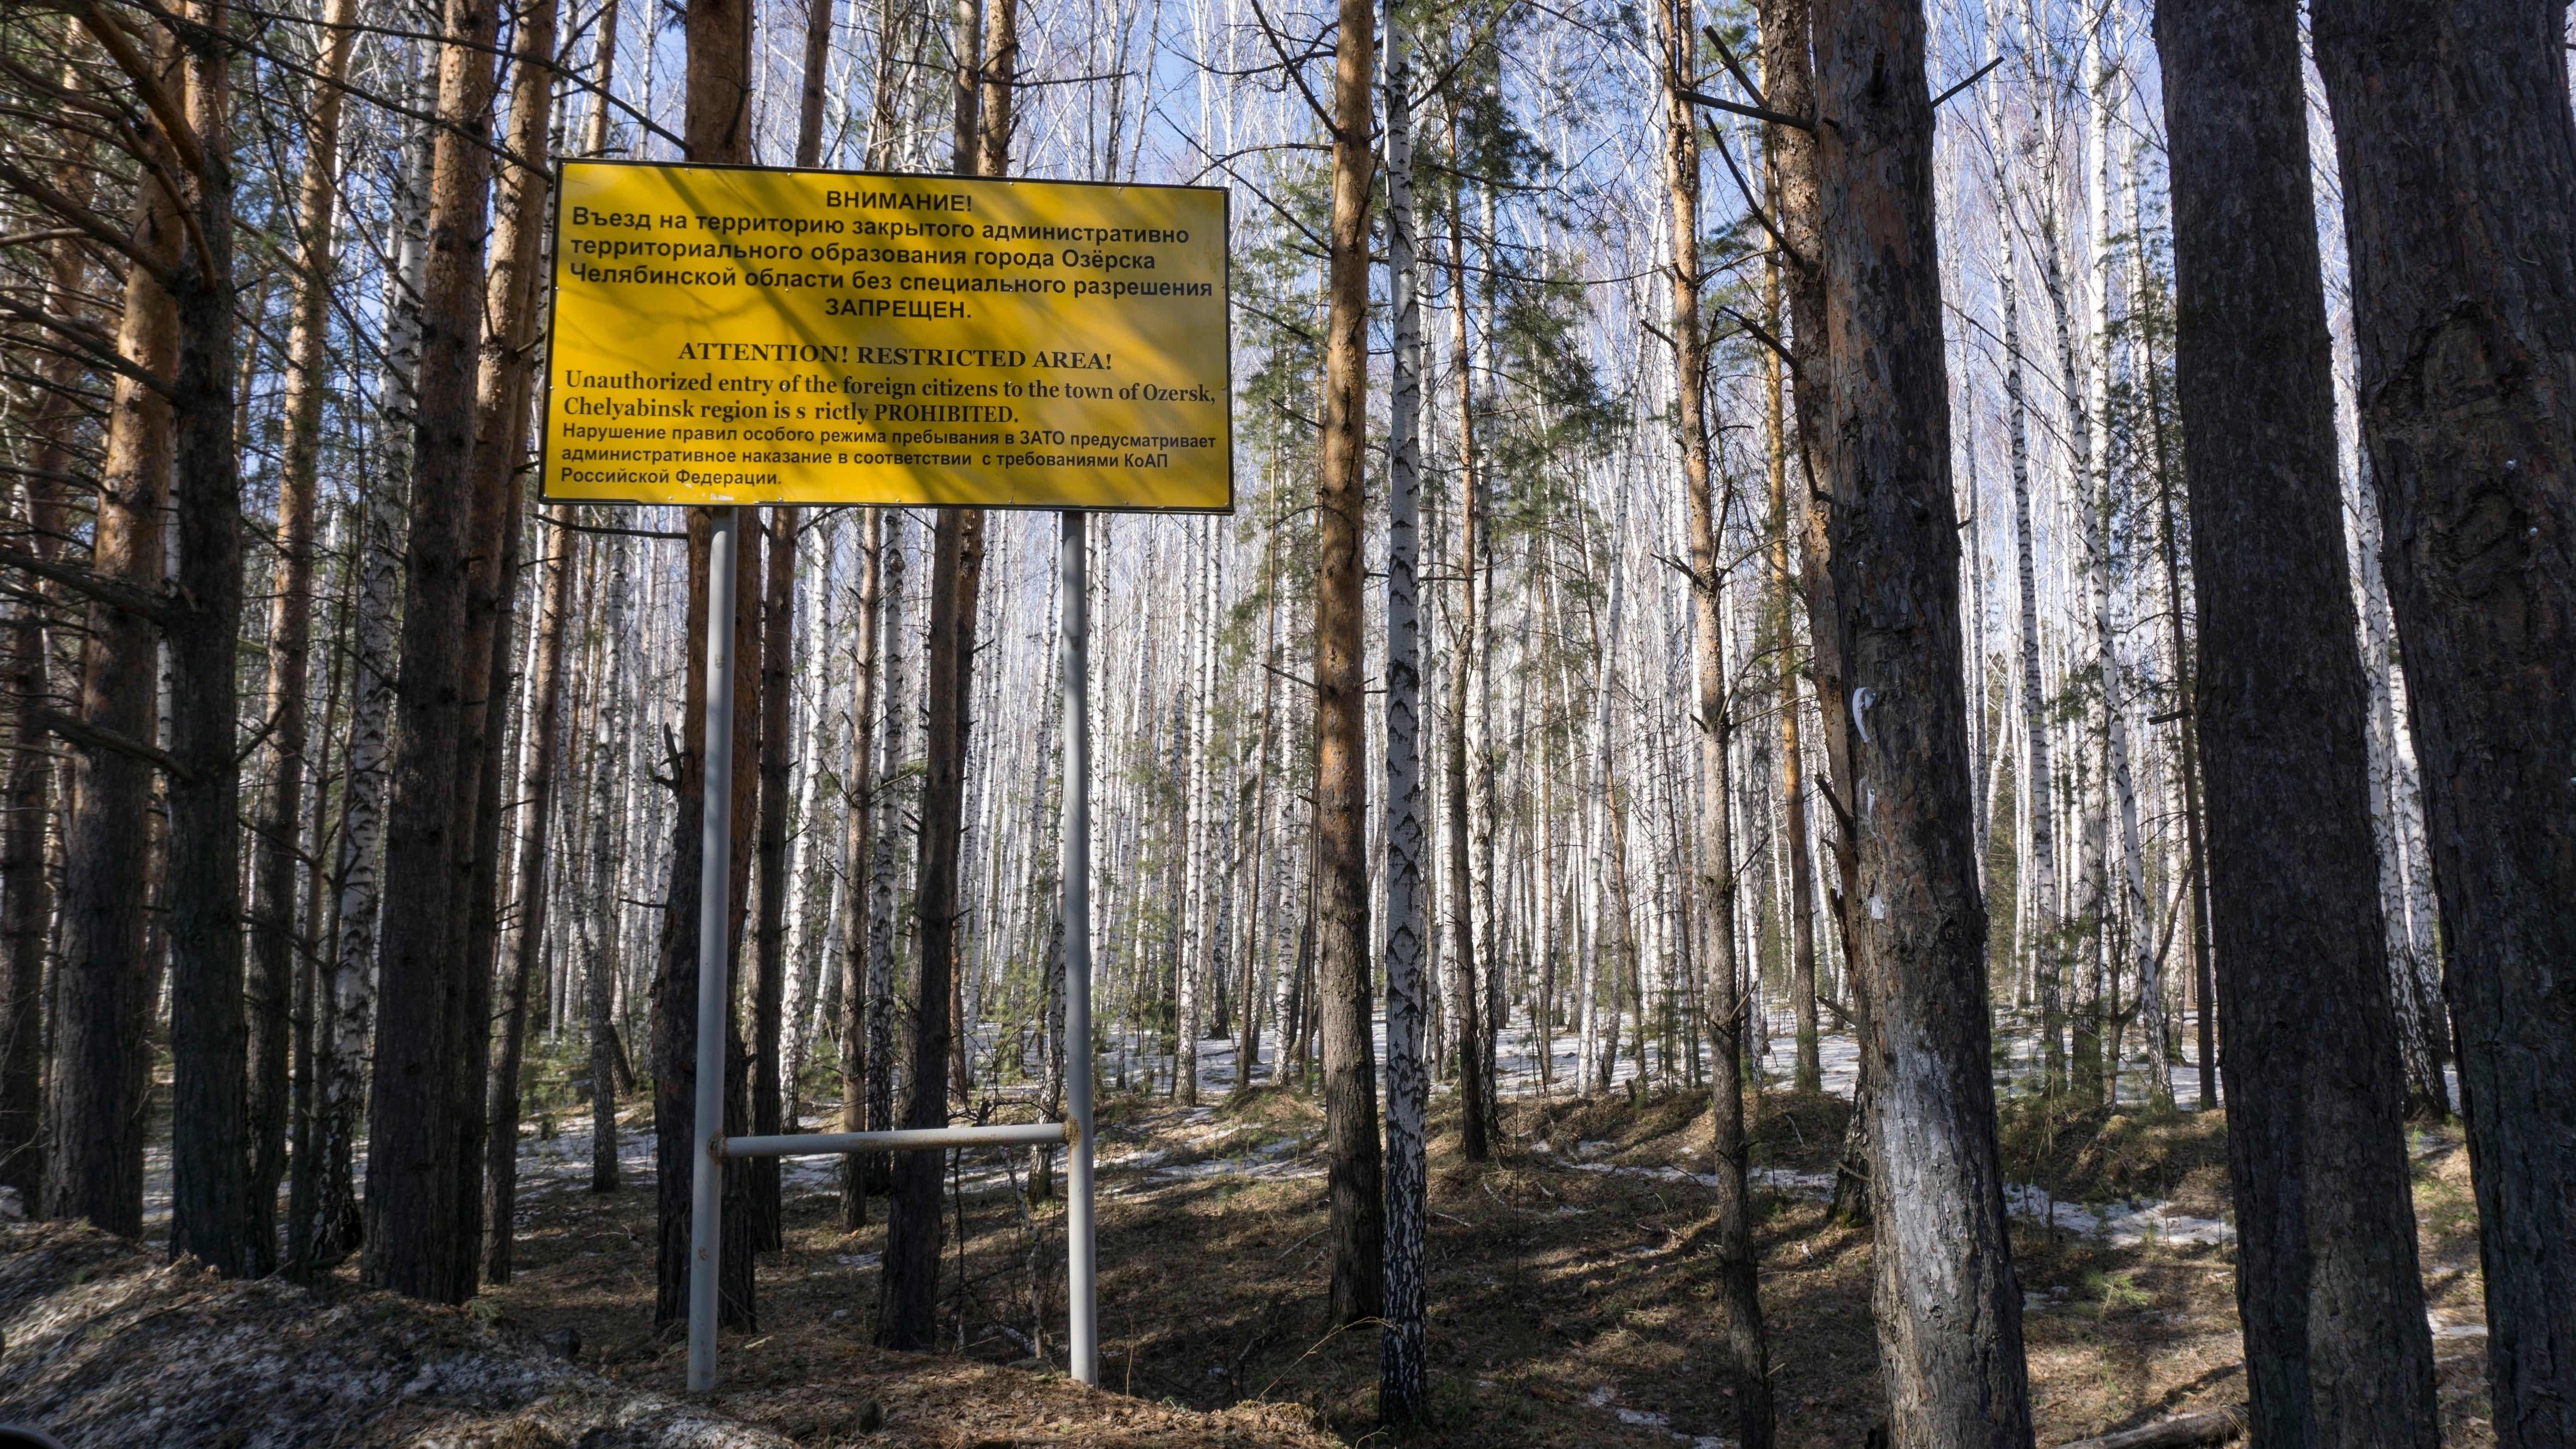 Πινακίδα προειδοποιεί για την απαγόρευση πρόσβασης στην πόλη Οζέρσκ, κοντά στις πυρηνικές εγκαταστάσεις Mayak, όπου είχε συμβεί μεγάλο ατύχημα το 1957.